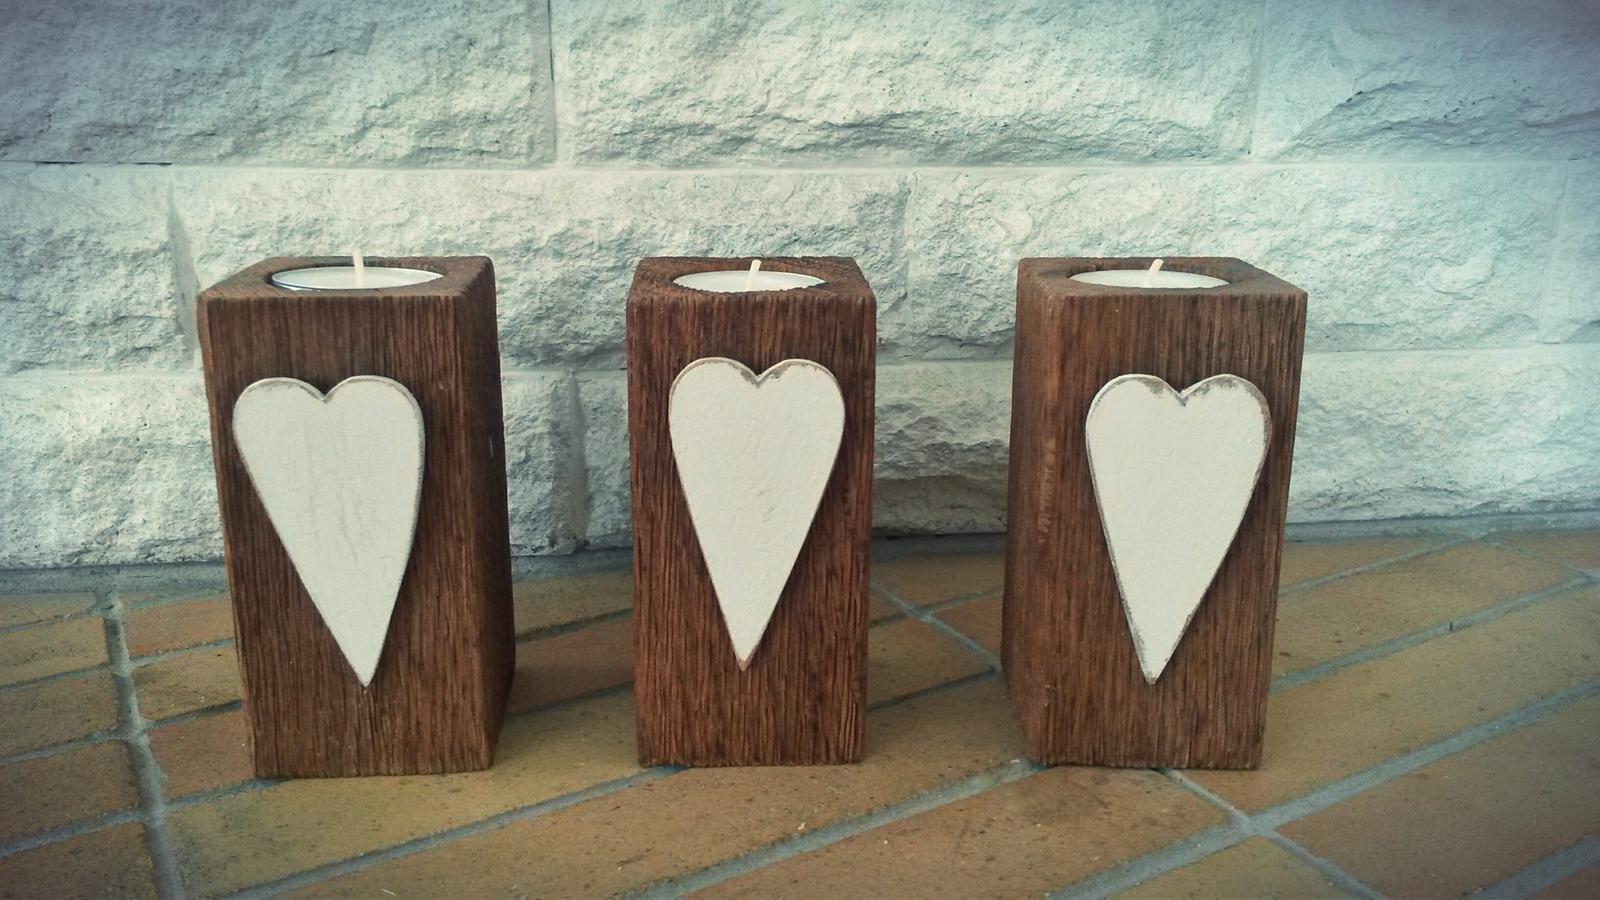 Drevene dekoracie... moja zaluba... - . Svietniky su, z duboveho dreva.Drevo je vykartacovane pre zvyraznenie struktury dreva. Srdiecka su tiez drevene, malovane bielou farbou a vdaka spec. laku mierne popraskane.